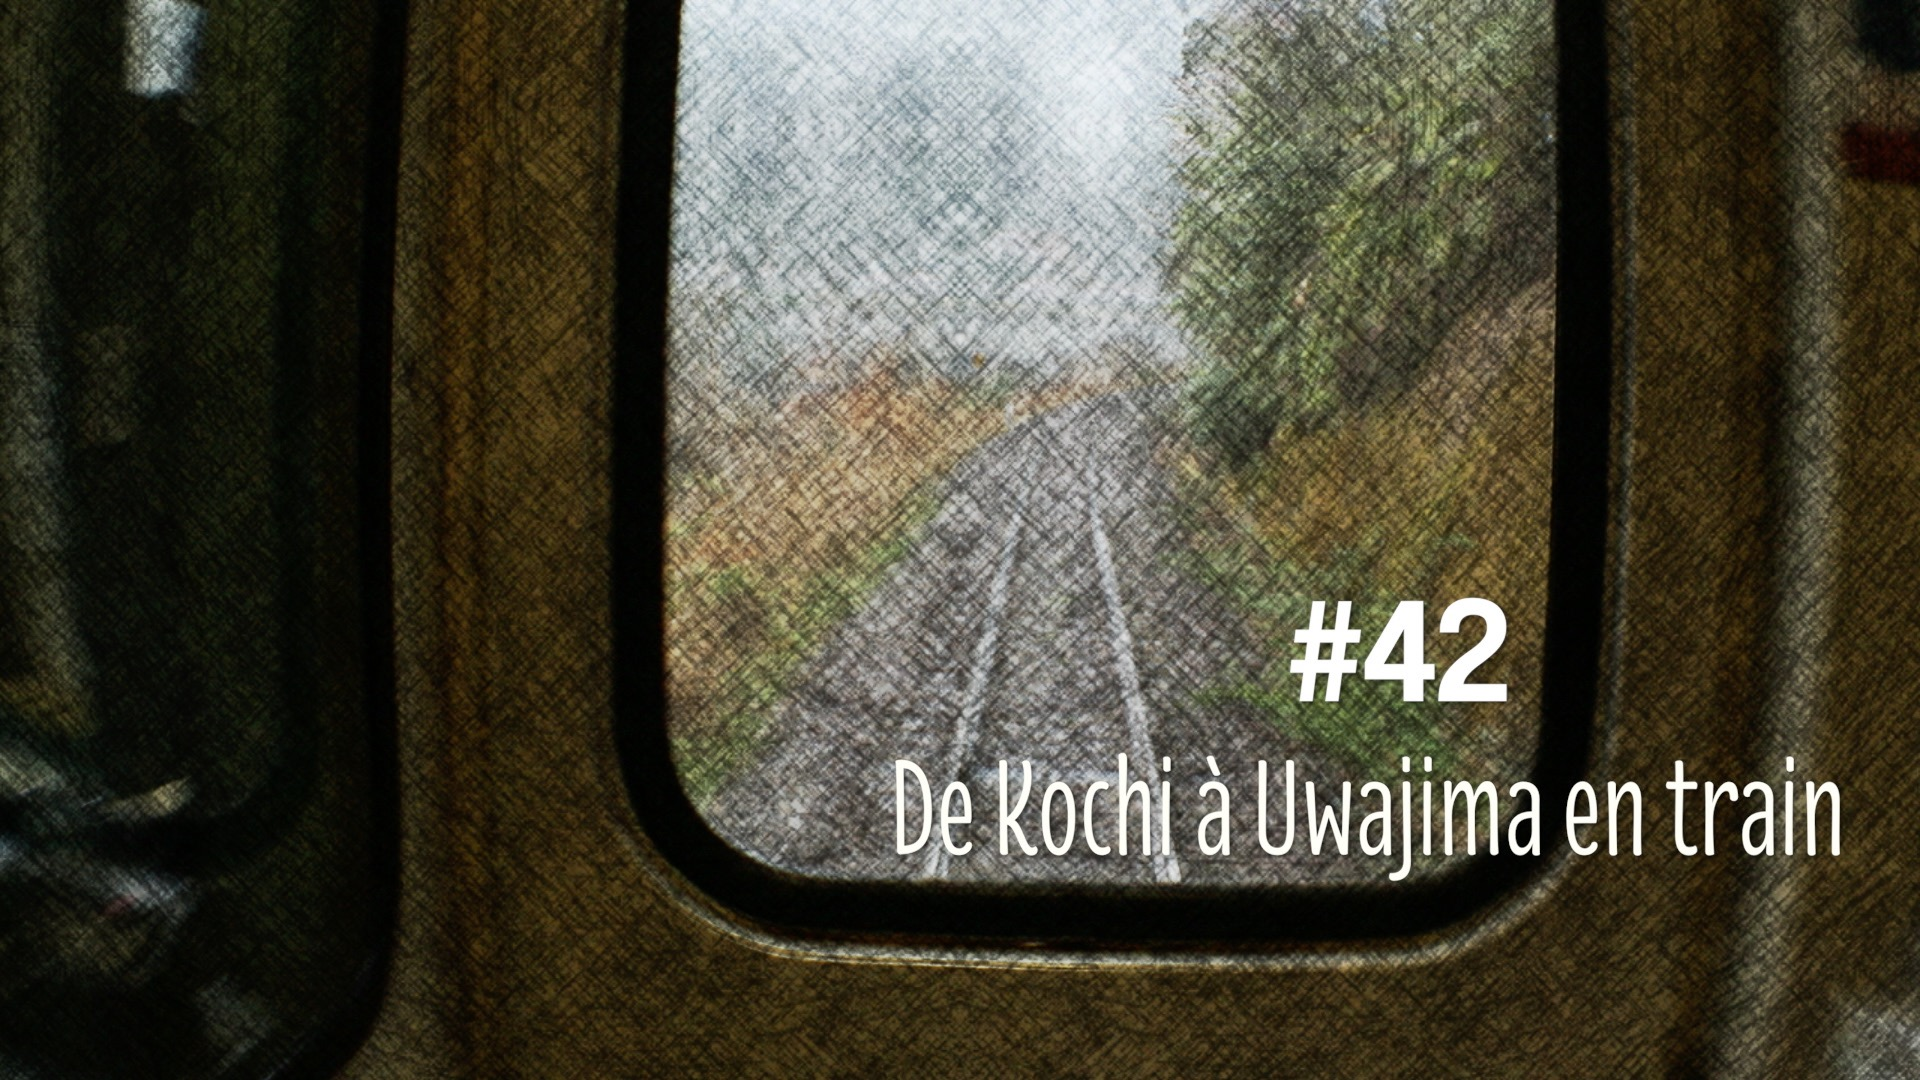 Voyage en train de Kochi à Uwajima (#42)